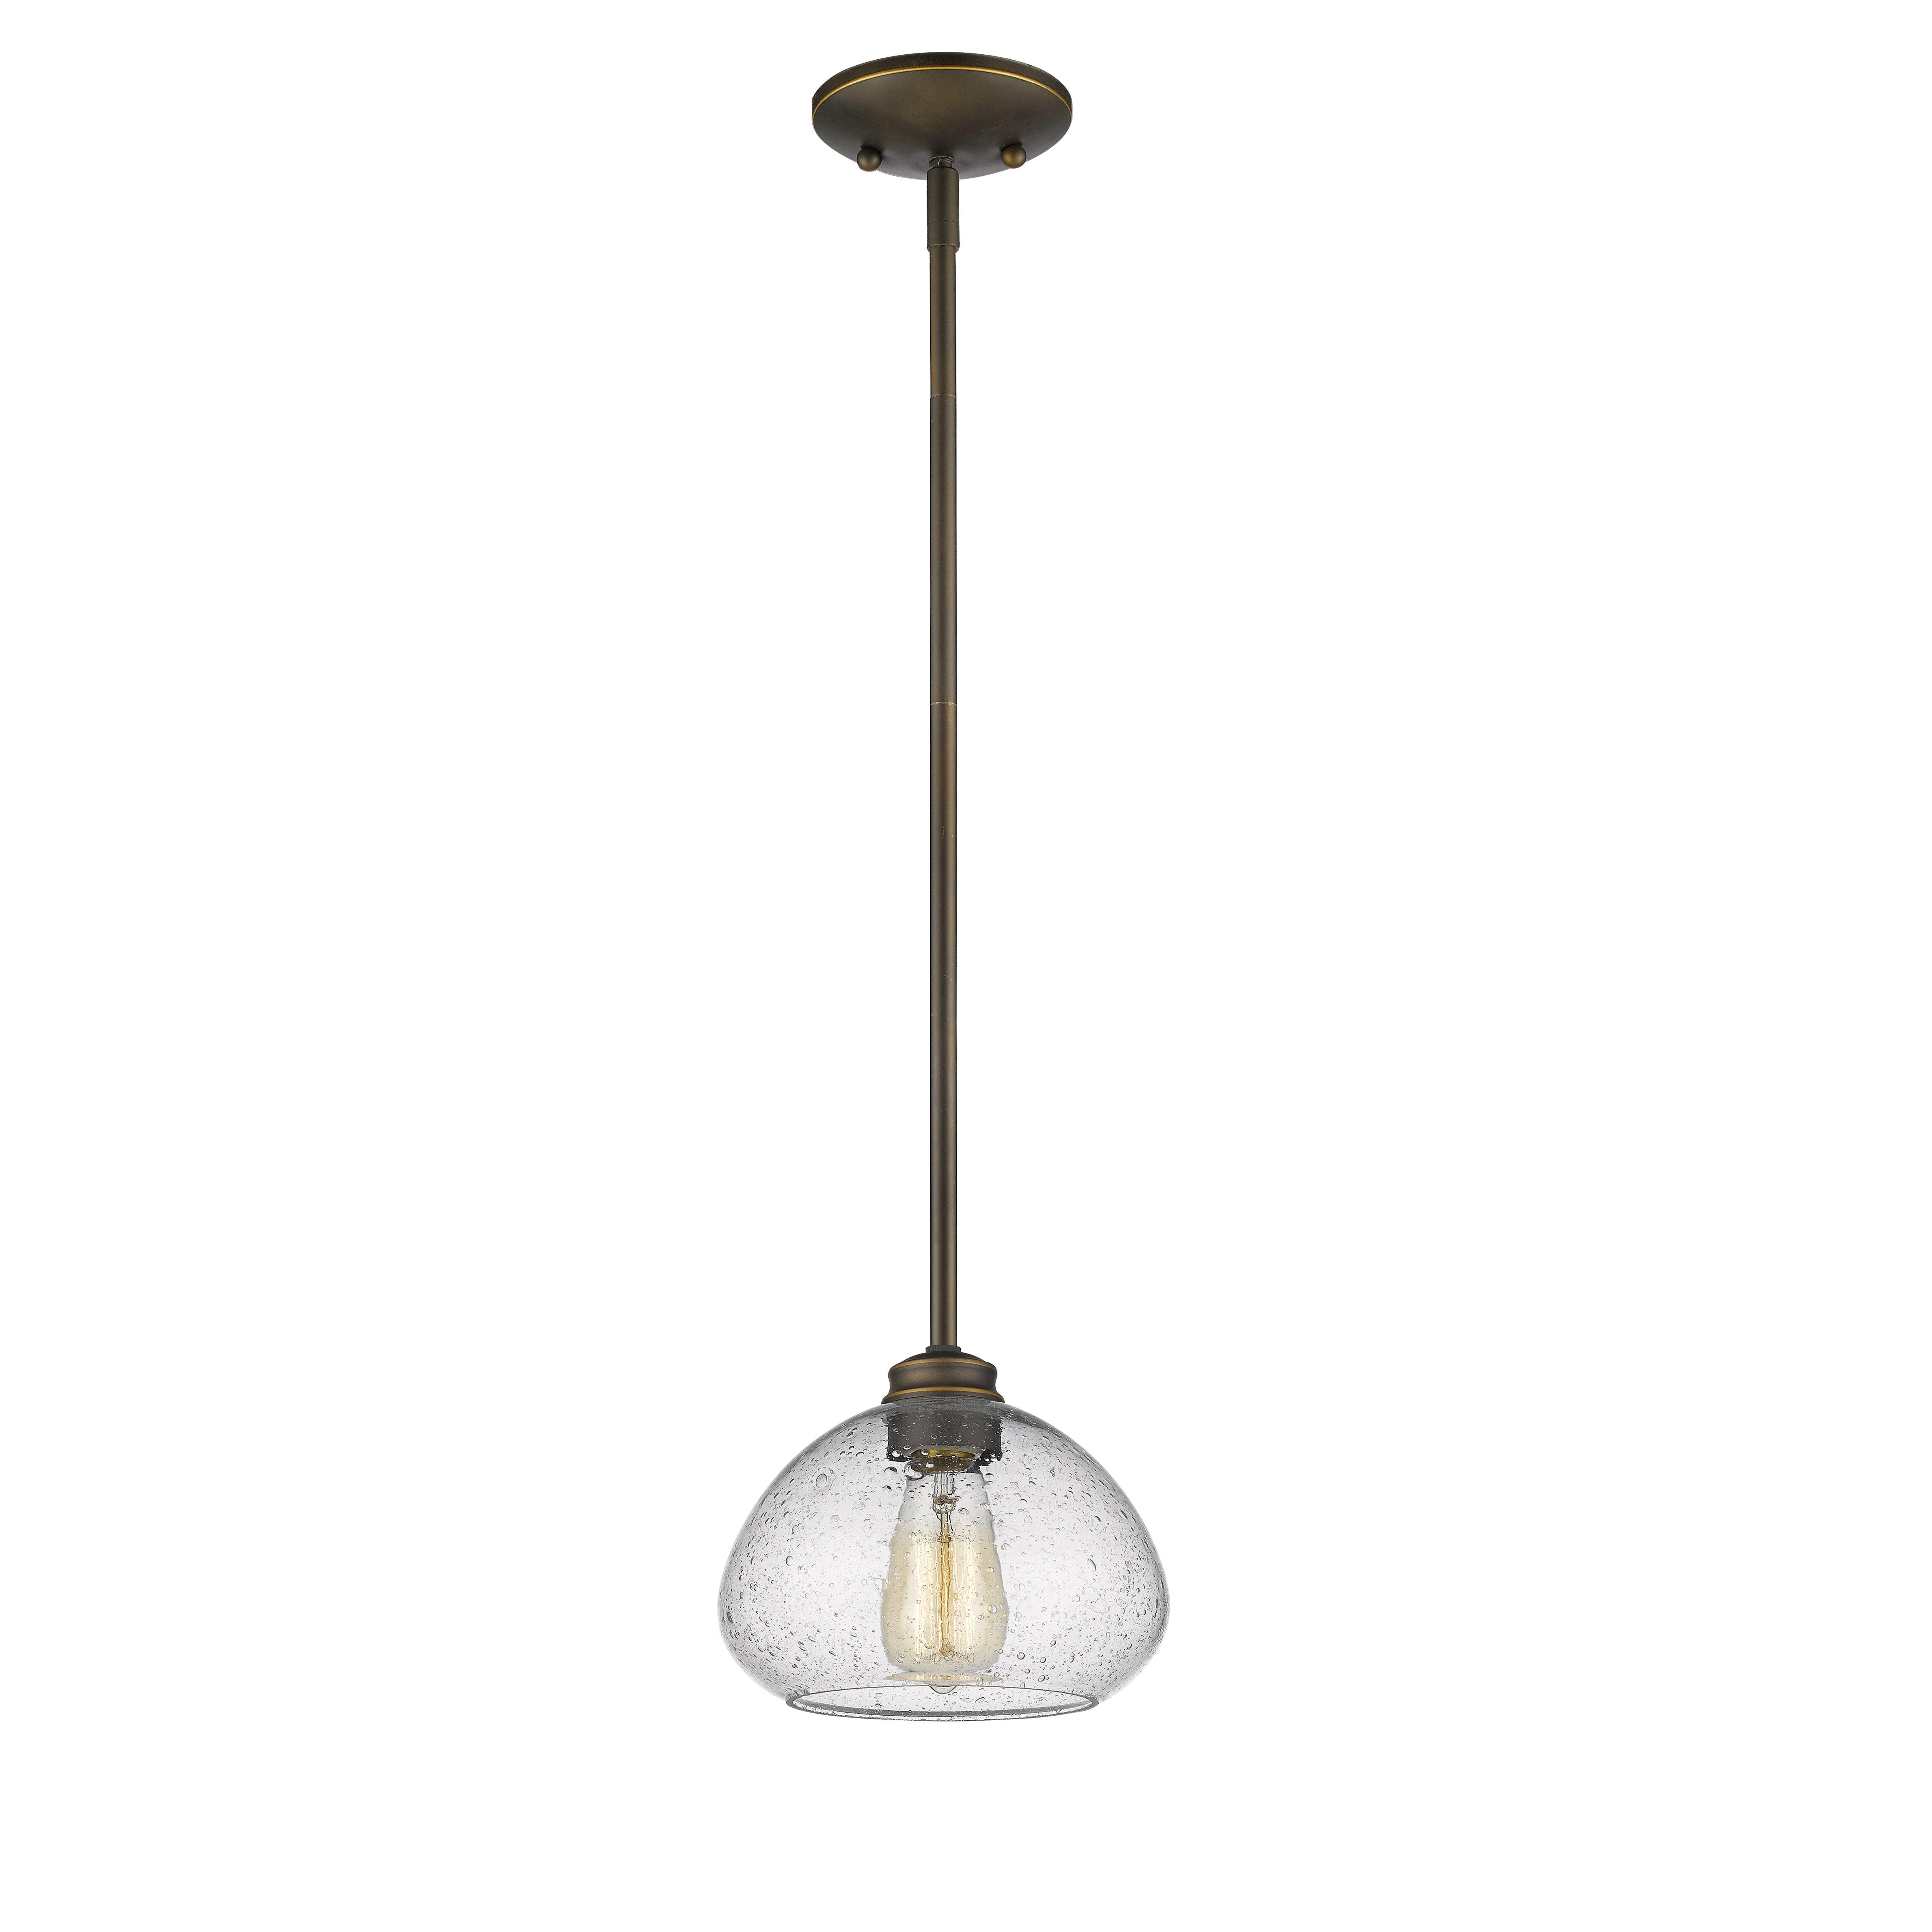 Z lite amon 1 light mini pendant reviews for Mini pendant lights